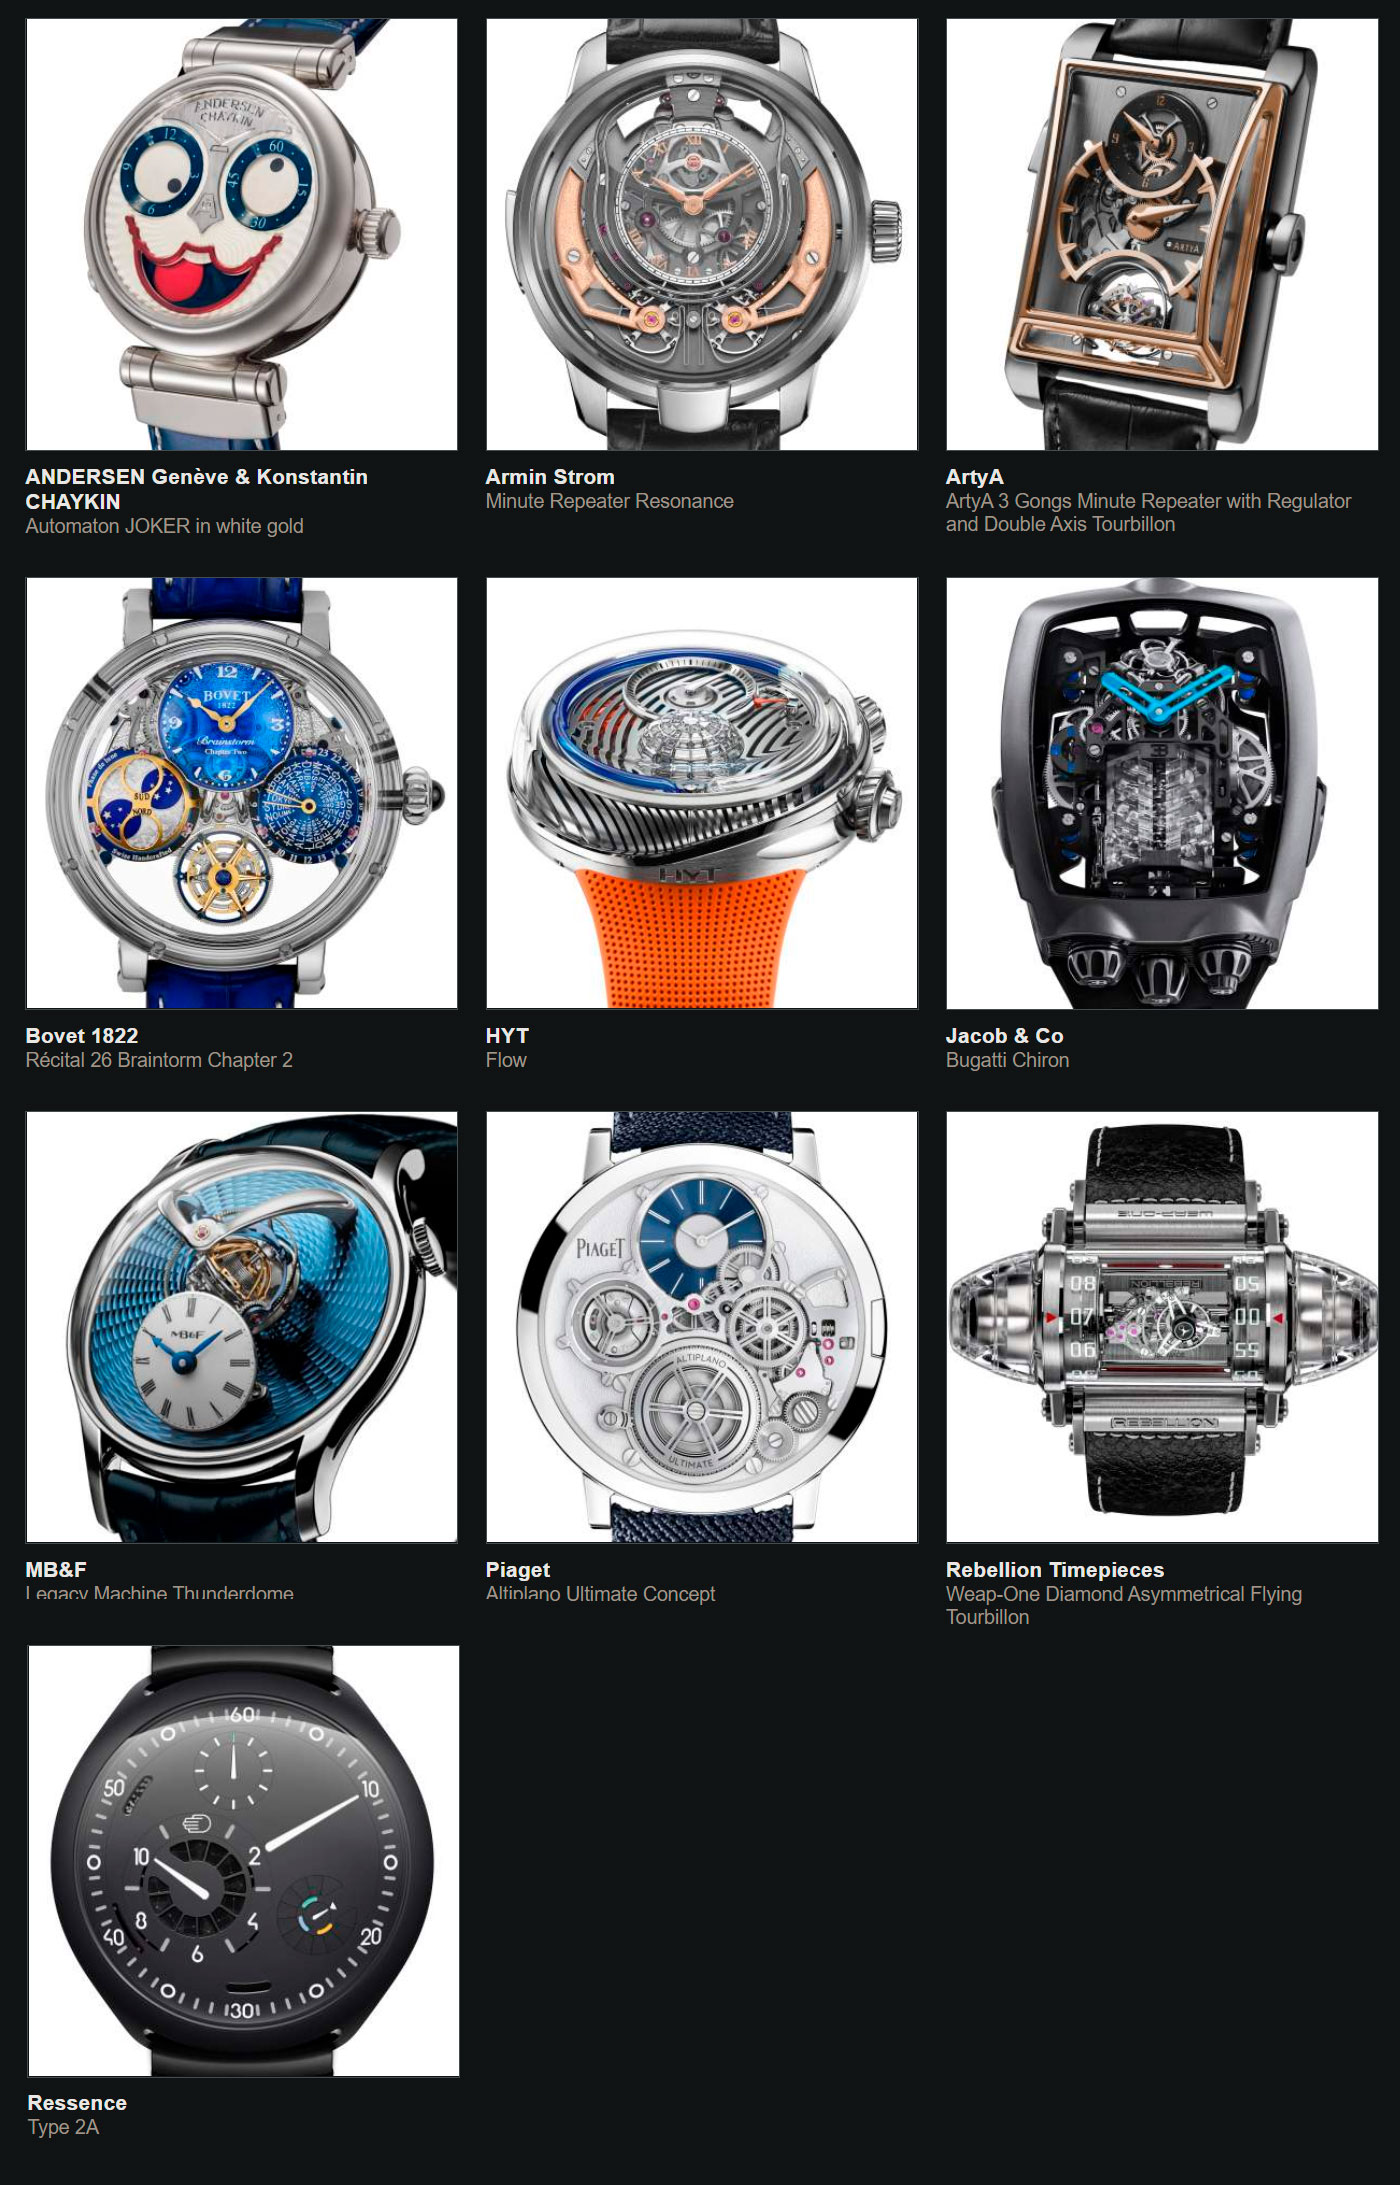 Relojes preseleccionados para el Gran Premio de Relojería de Ginebra 2020 Excepción Mecánica